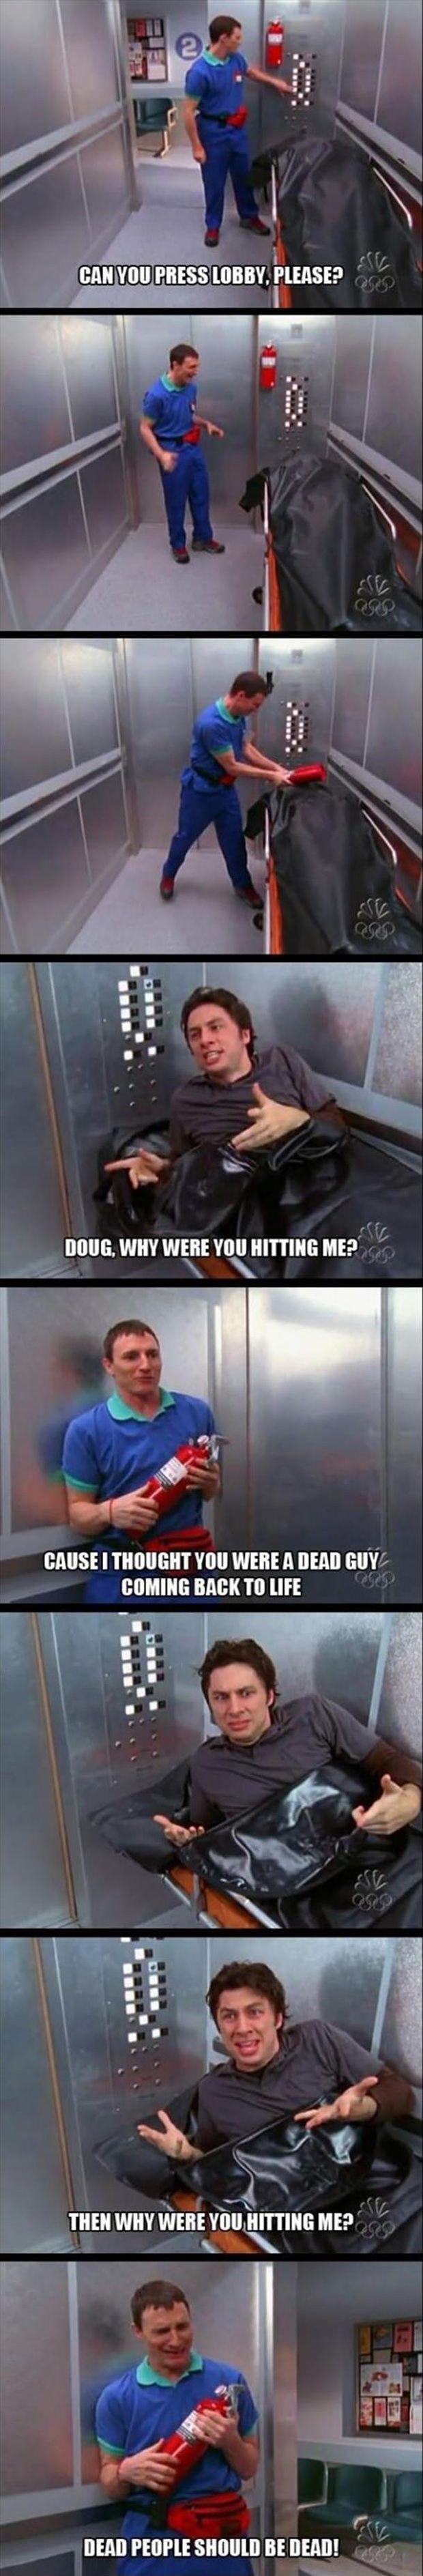 Oh Doug...